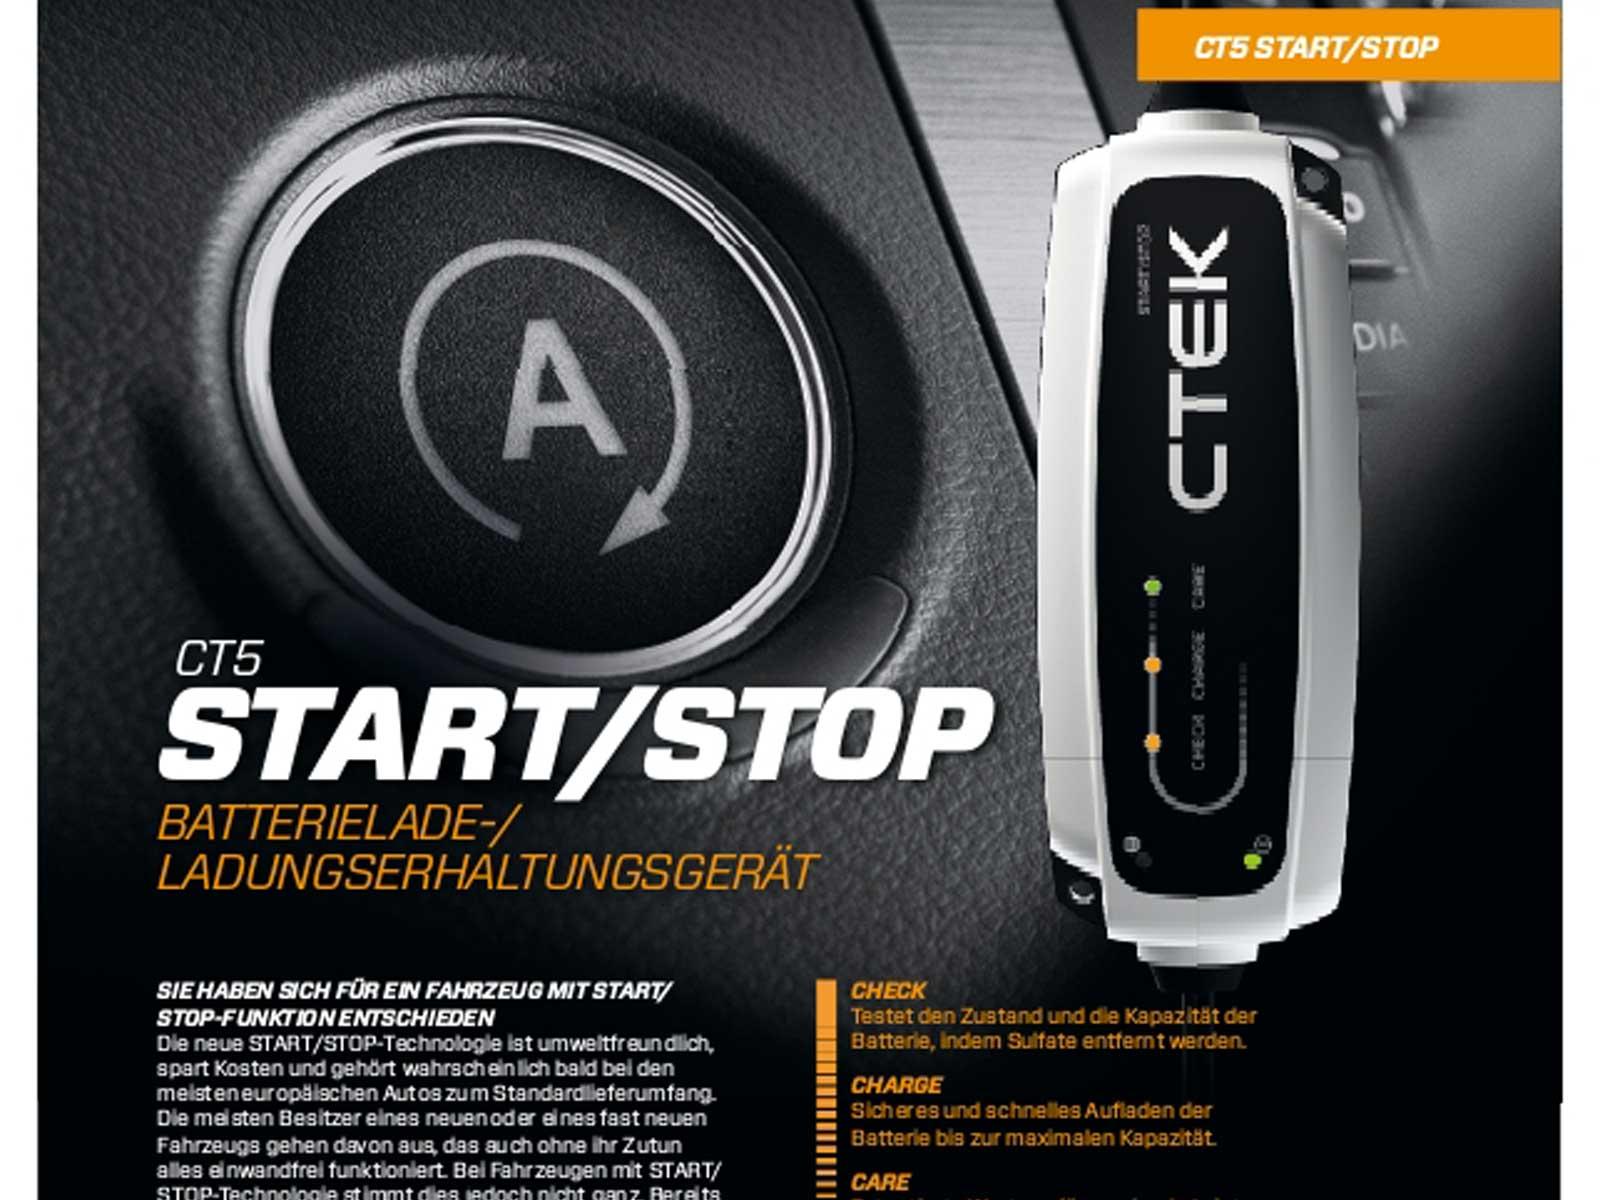 ctek ct5 start stop batterie ladeger t 12v hochfrequenz. Black Bedroom Furniture Sets. Home Design Ideas